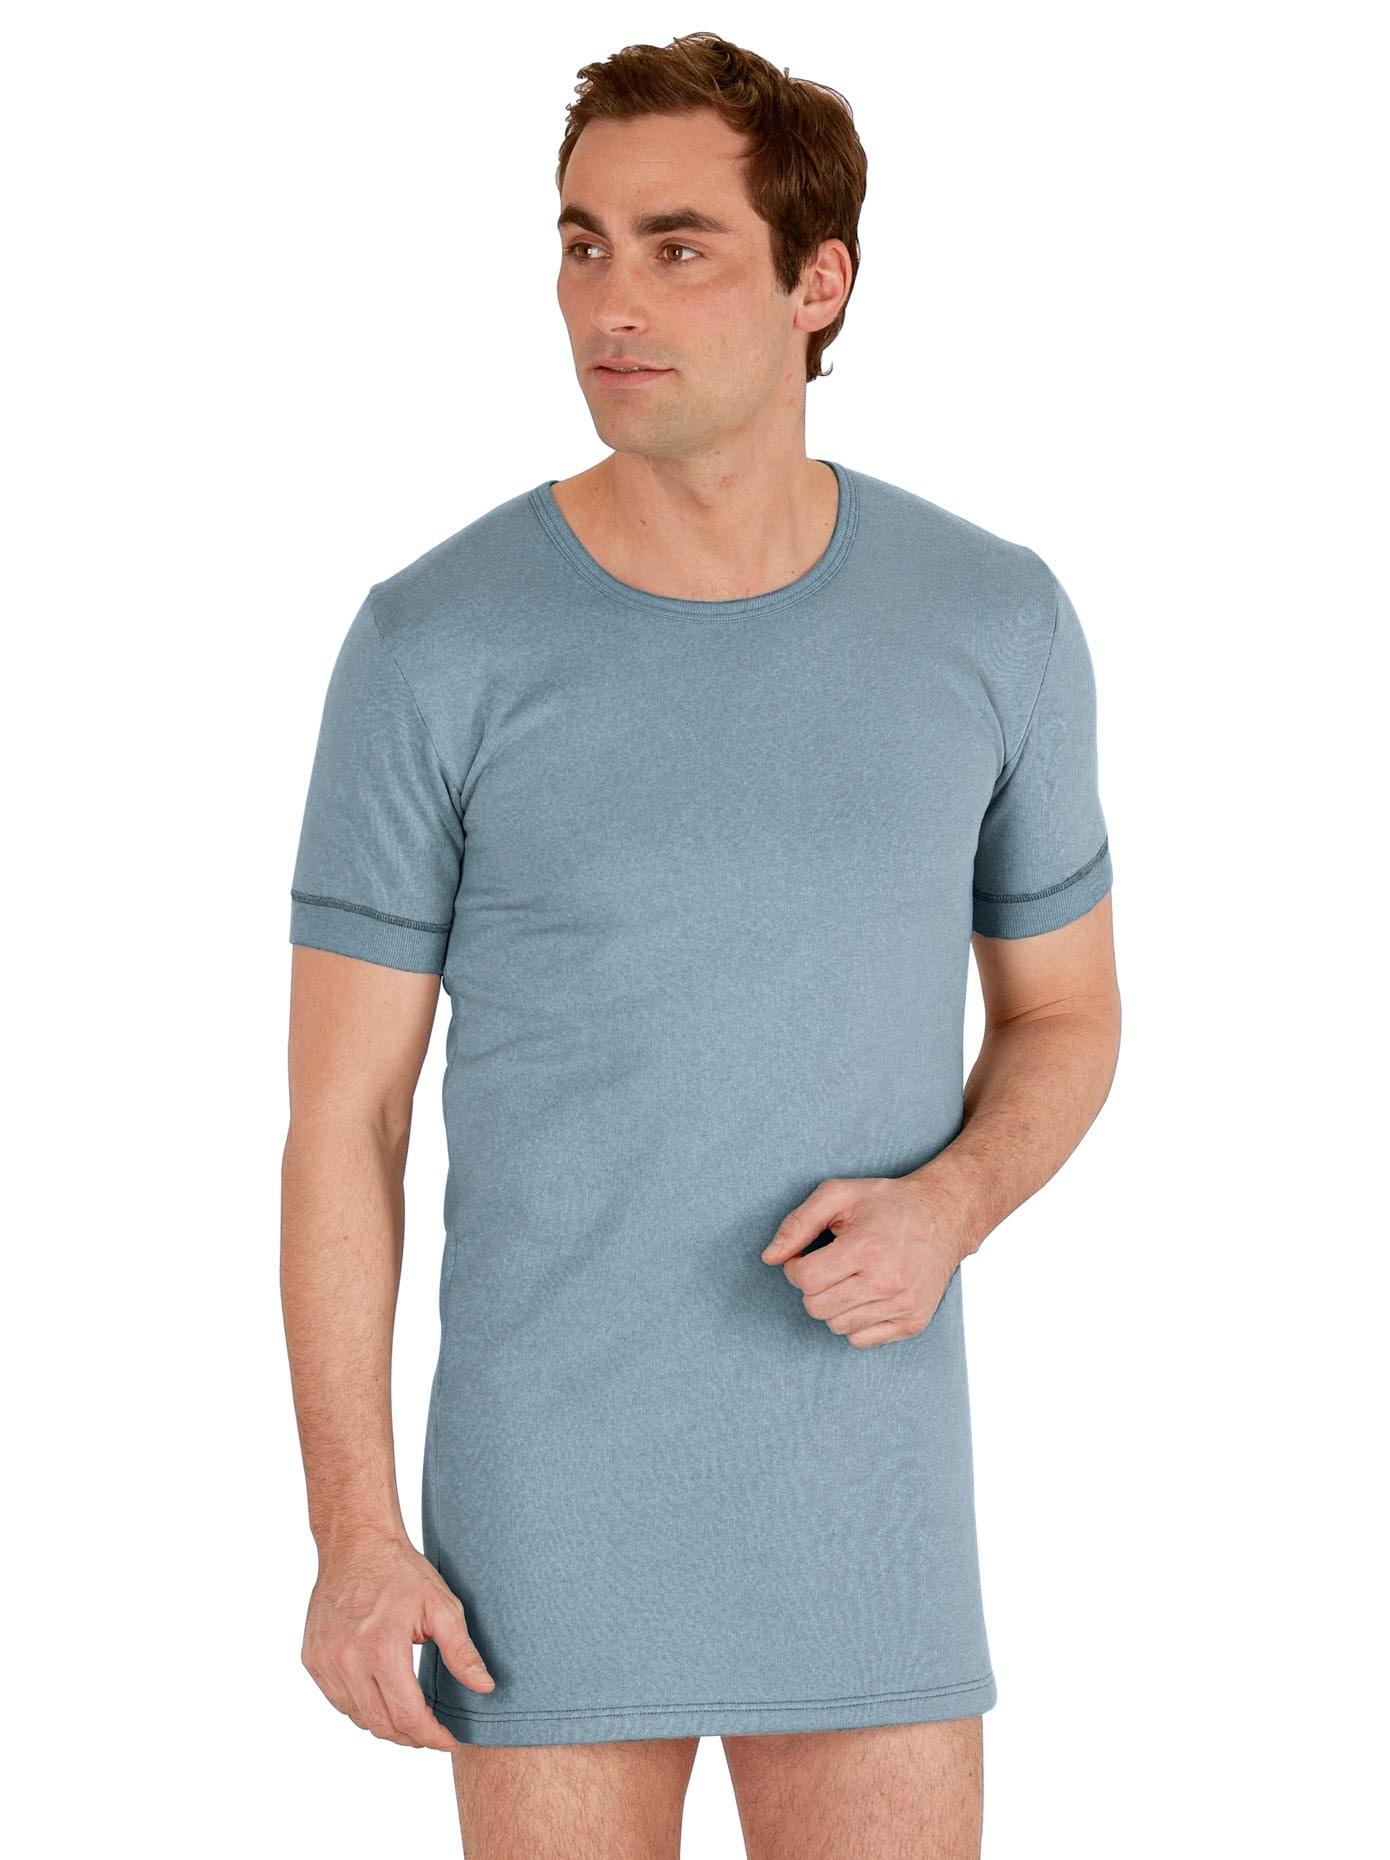 Thieme Unterhemd   Bekleidung > Wäsche > Unterhemden   Grau   Thieme